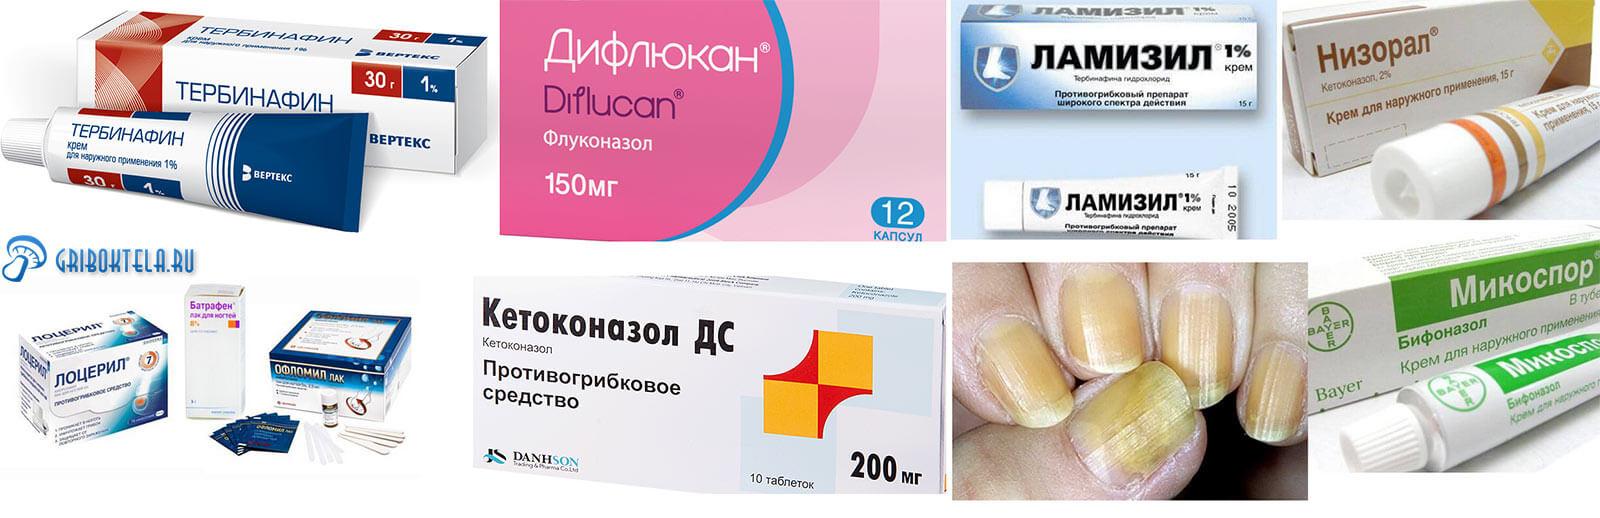 Лекарства для лечения грибка ногтей на руках